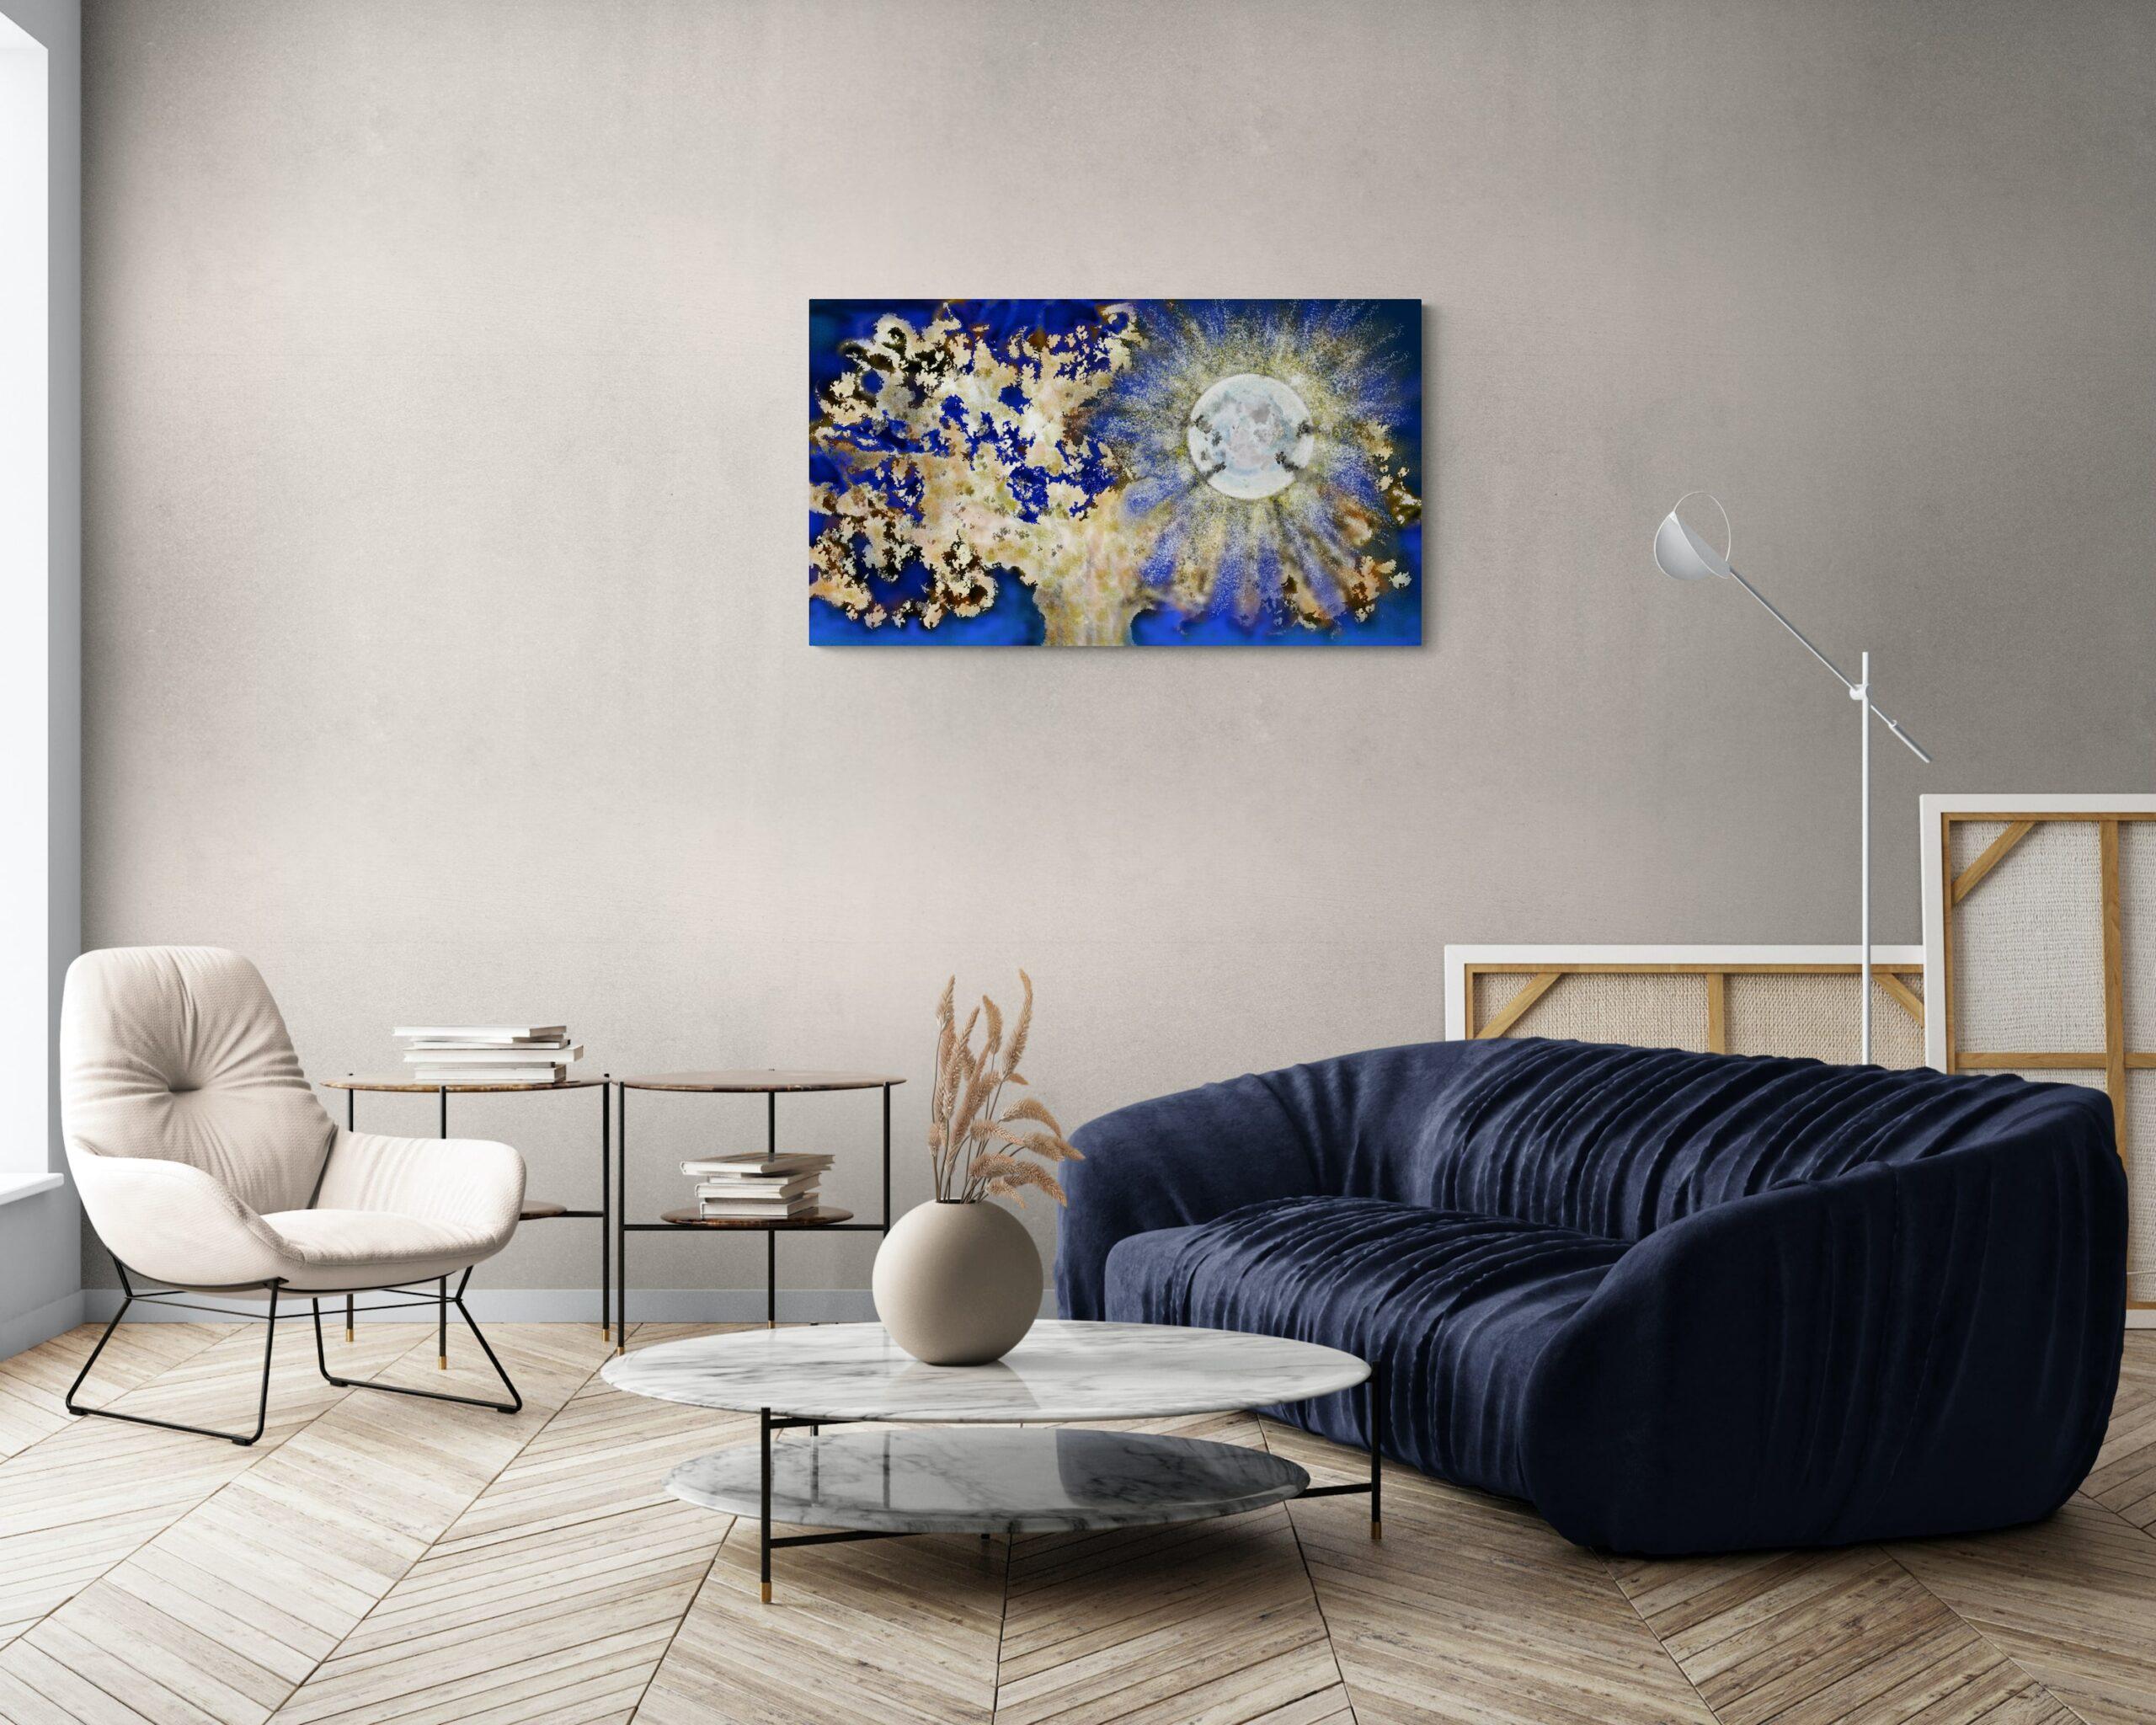 Première image de l'impression d'art éblouissante inspirée des nuits vives d'Occitanie, en France. artiste : Anne Turlais - Edition limitée à 300 exemplaires. Impression d'Art Florale en édition limitée sur Dibond.